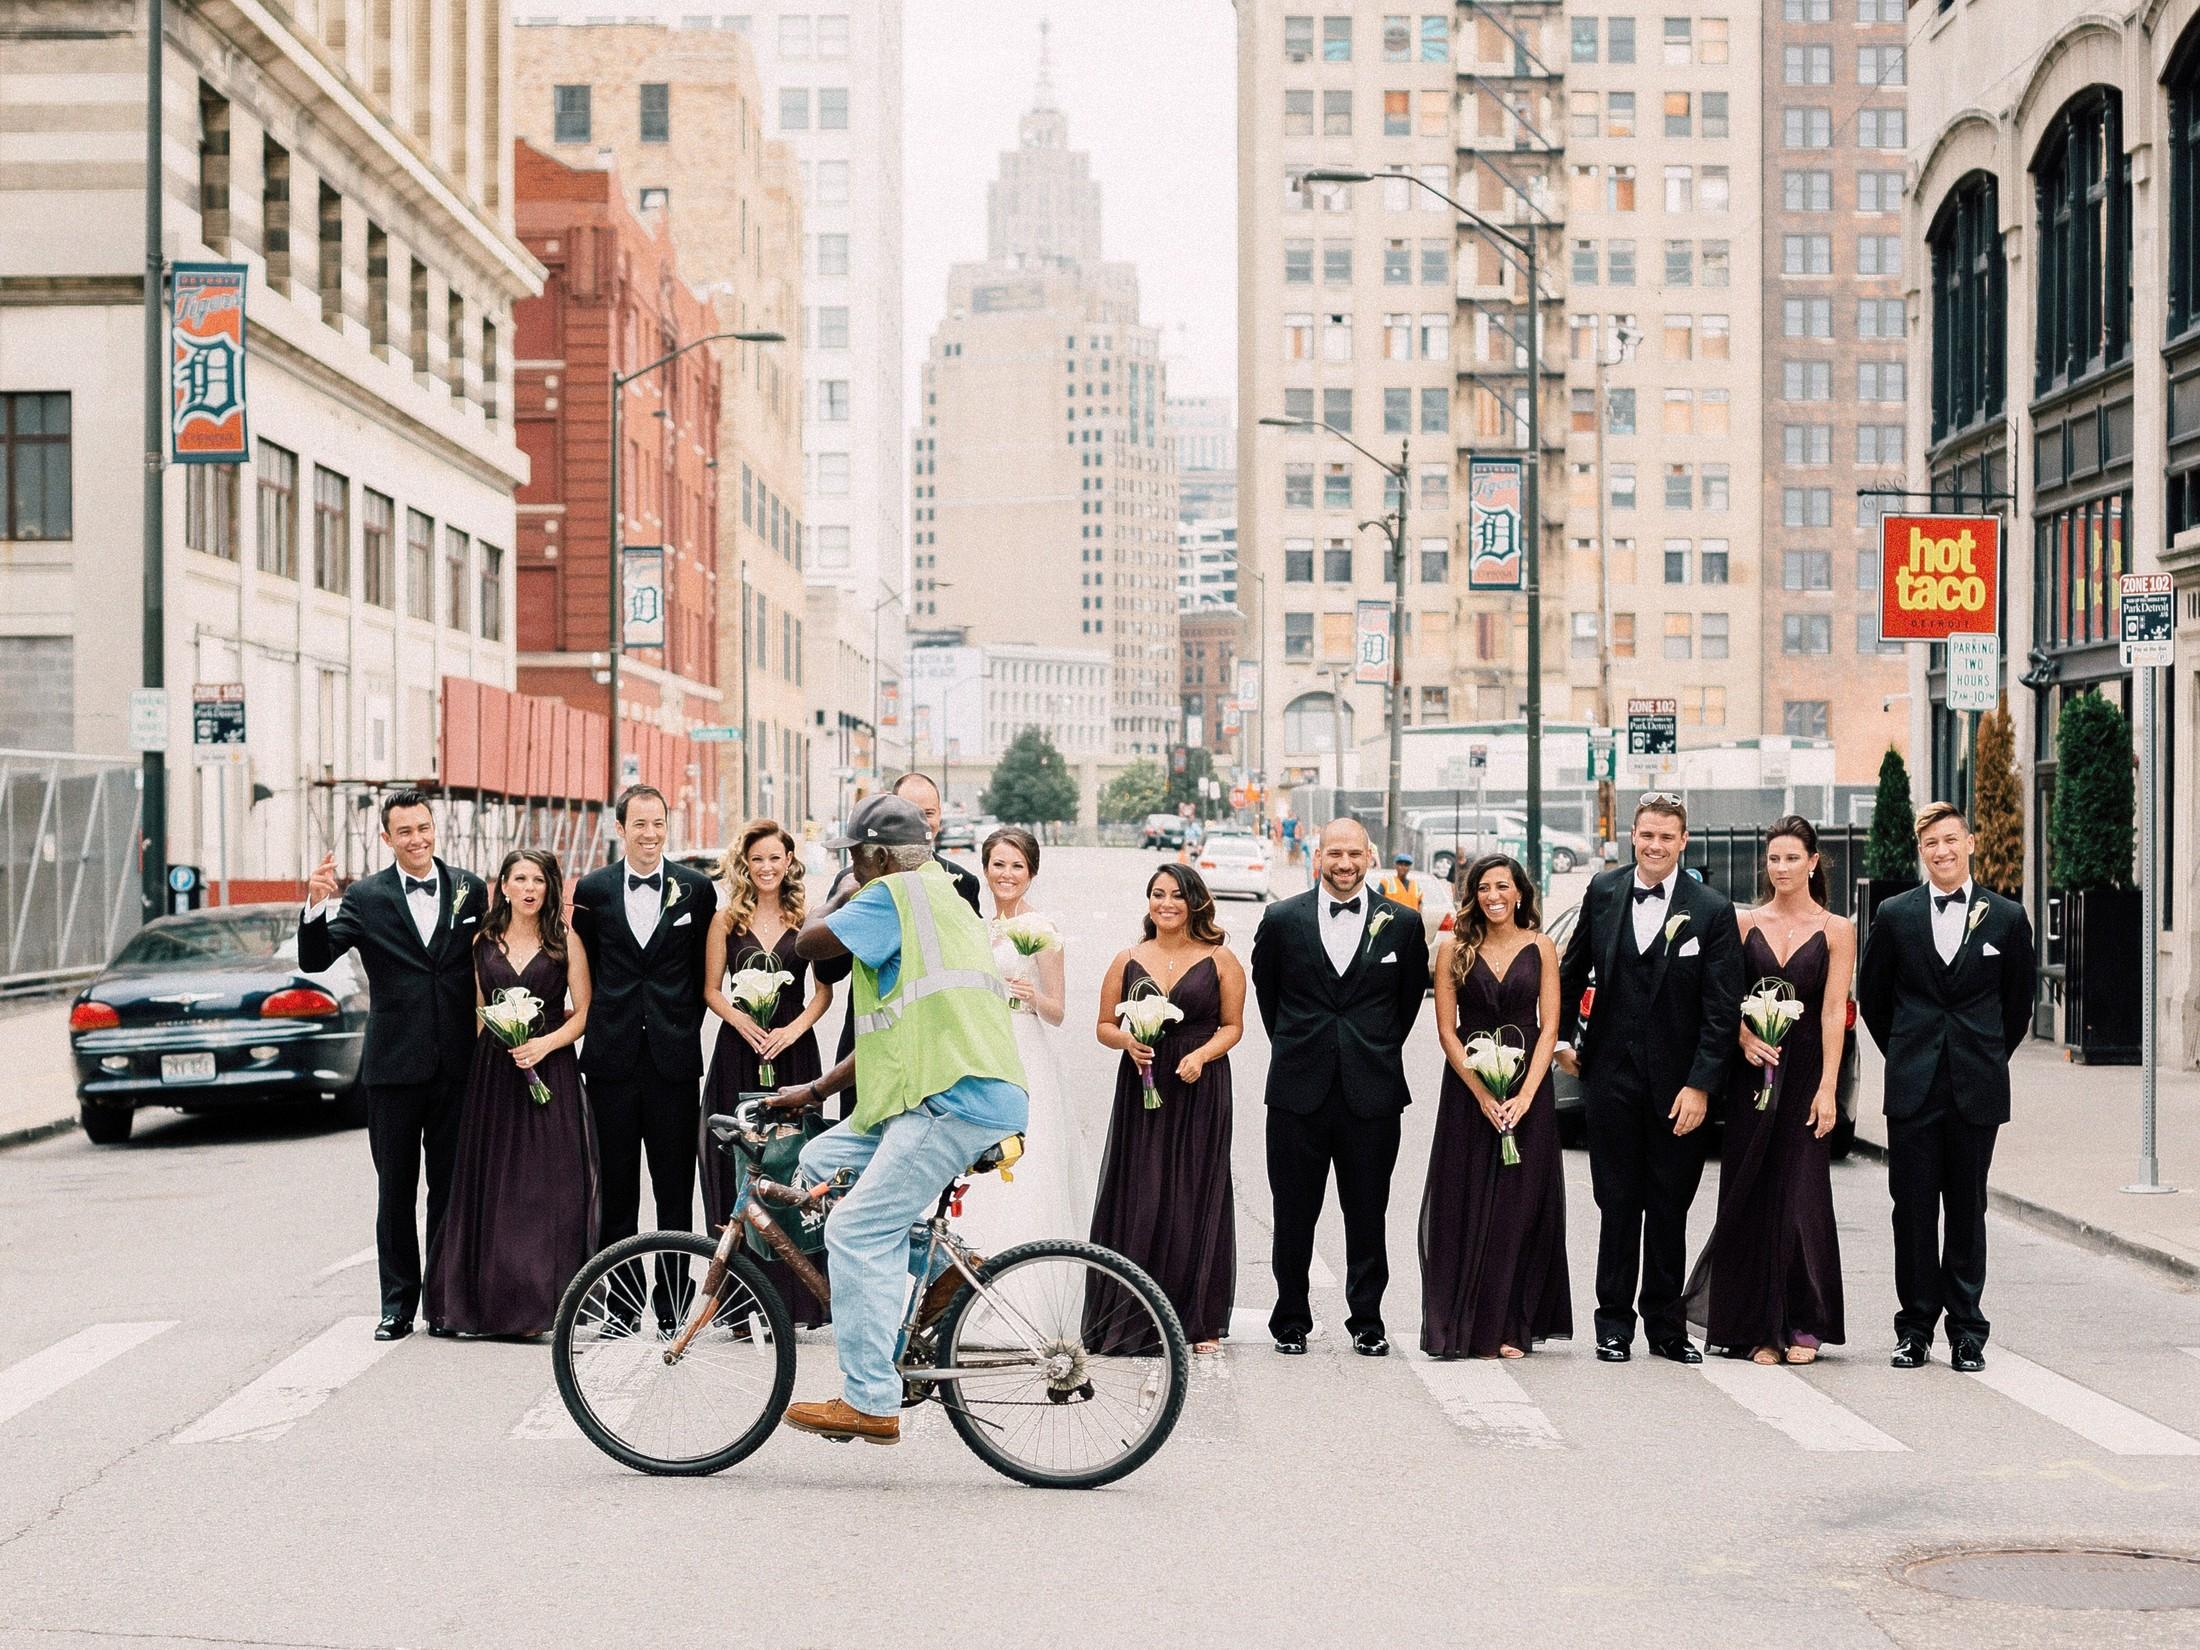 detroit_wedding_blaine_siesser_0035_std.jpg